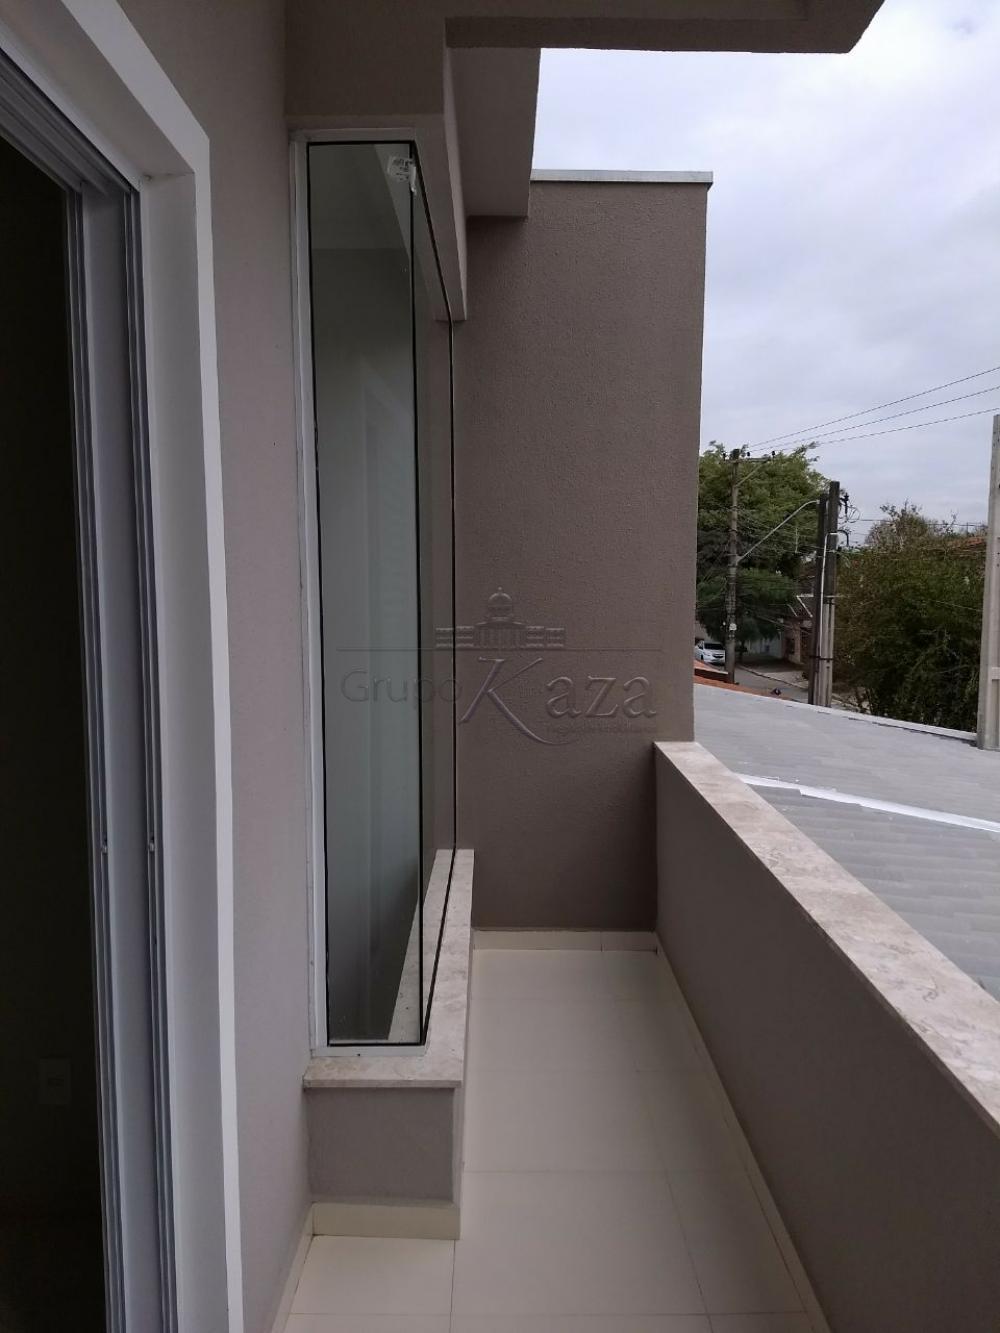 Comprar Casa / Sobrado em São José dos Campos apenas R$ 502.200,00 - Foto 8